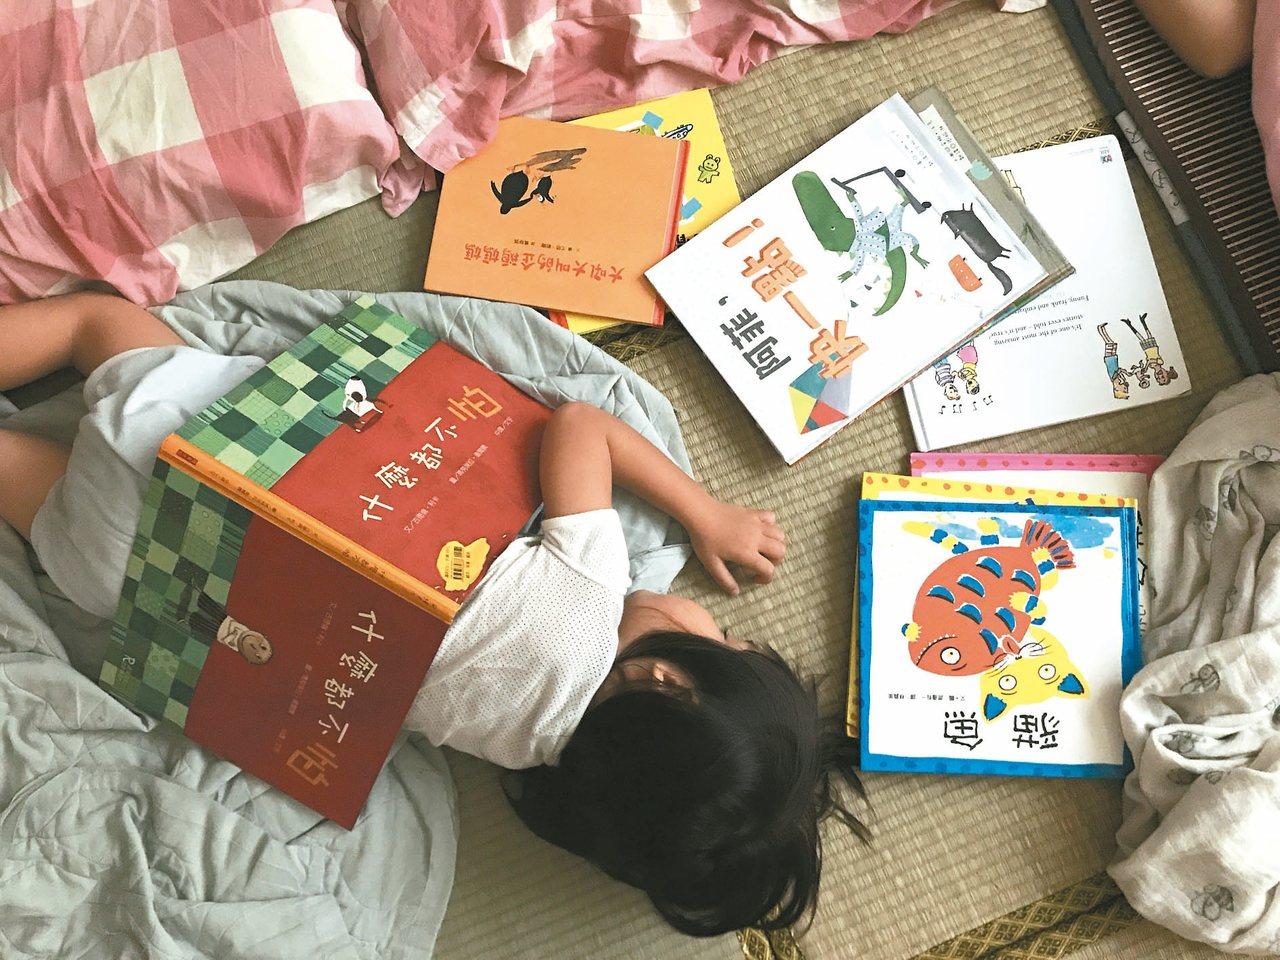 上周末兩天,小兒都熟睡到近中午,如果不是刻意吵醒他,幾乎就要睡過中午了。 圖/諶...